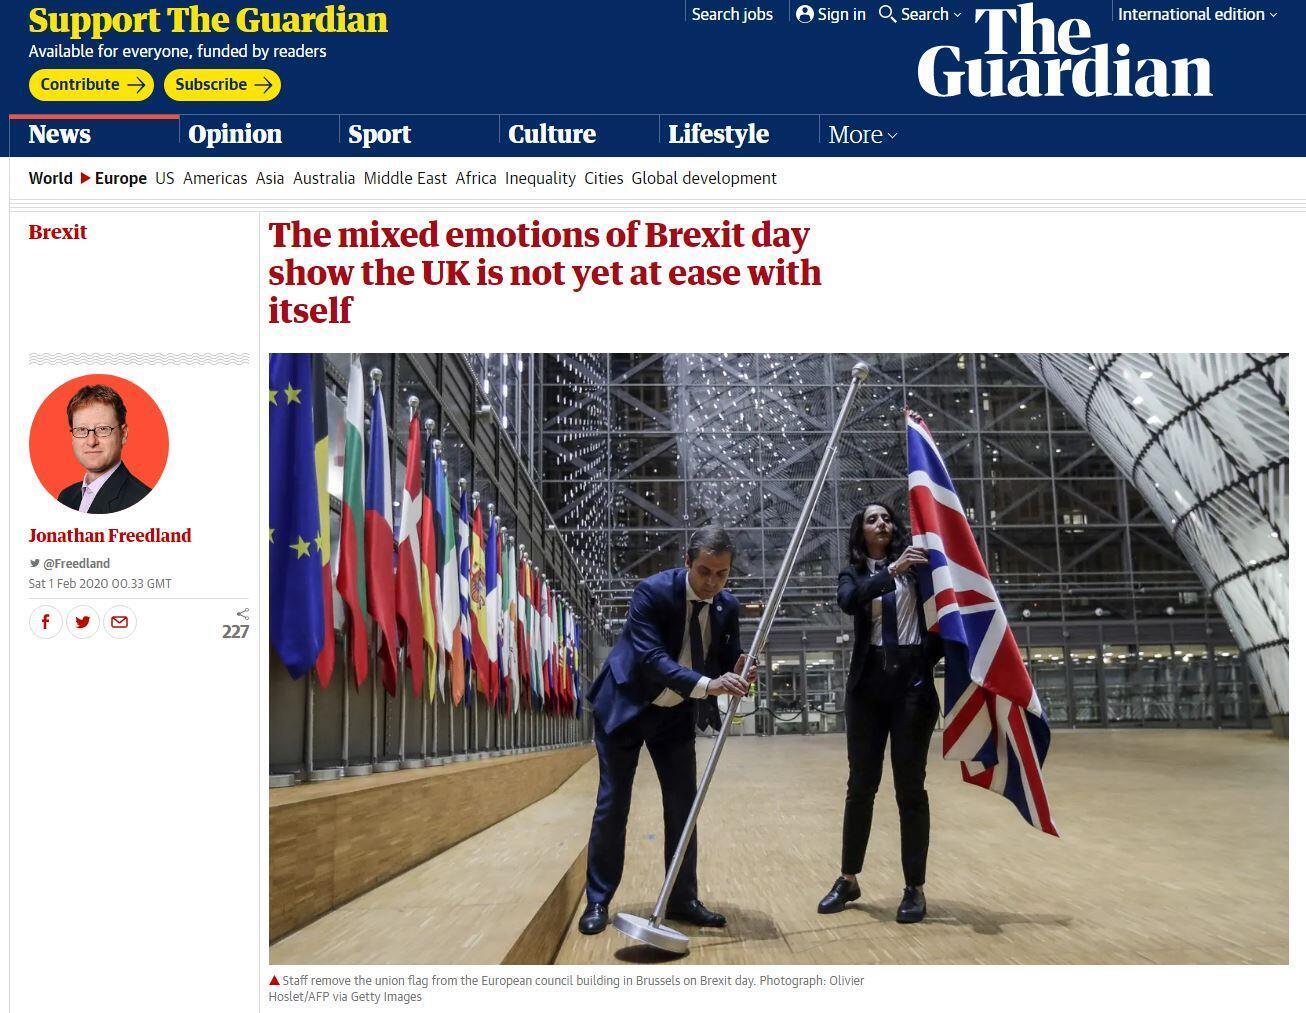 صورة ملتقطة من صحيفة ذا غارديان البريطانية، السبت 01 فبراير/ شباط 2020